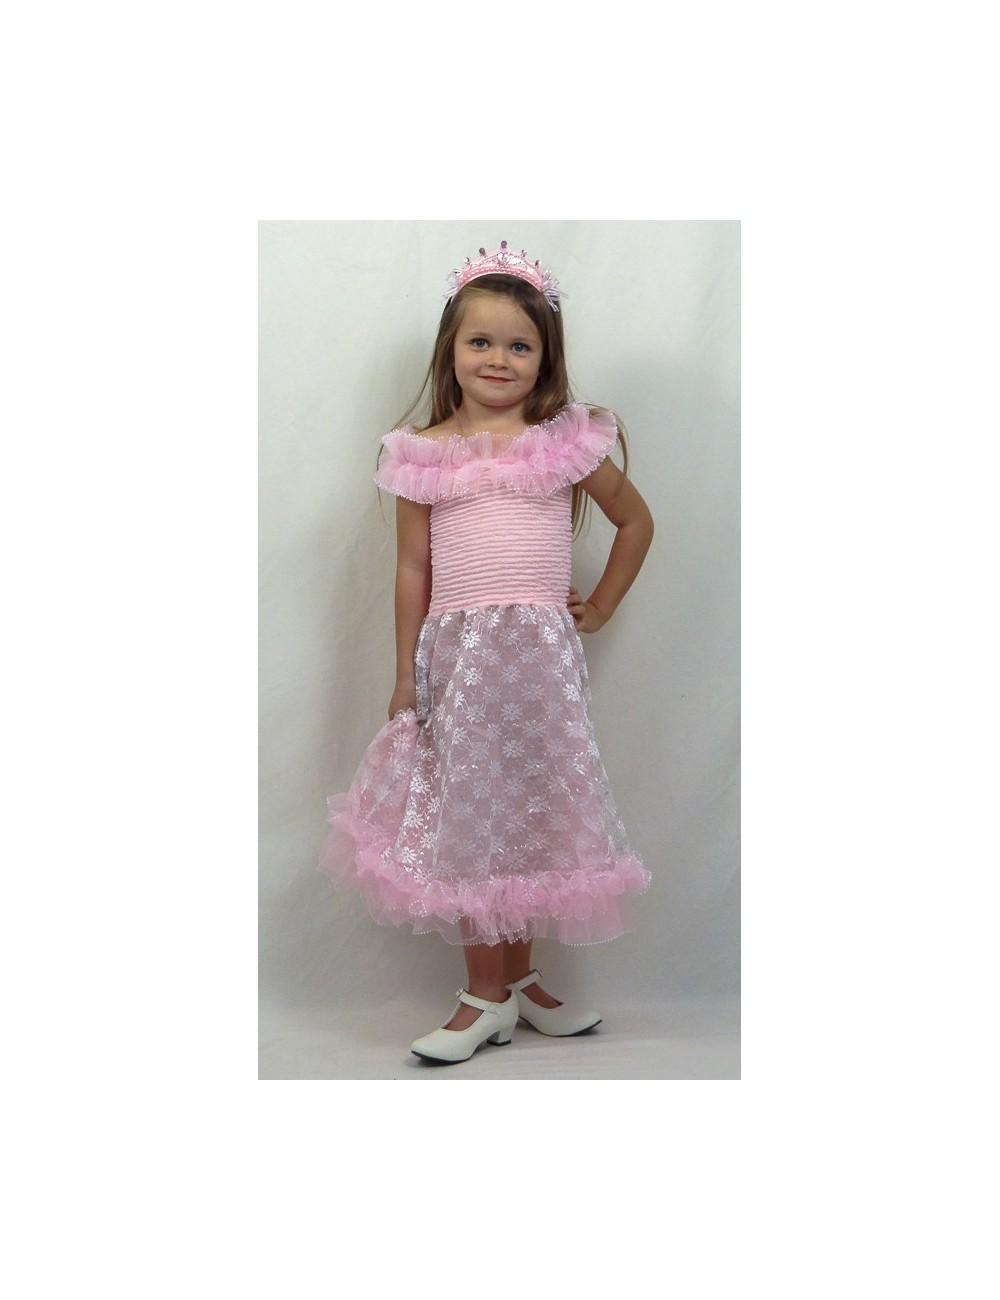 vente professionnelle choisir l'original clair et distinctif Deguisement robe princesse ou robe de baptème ou de mariage